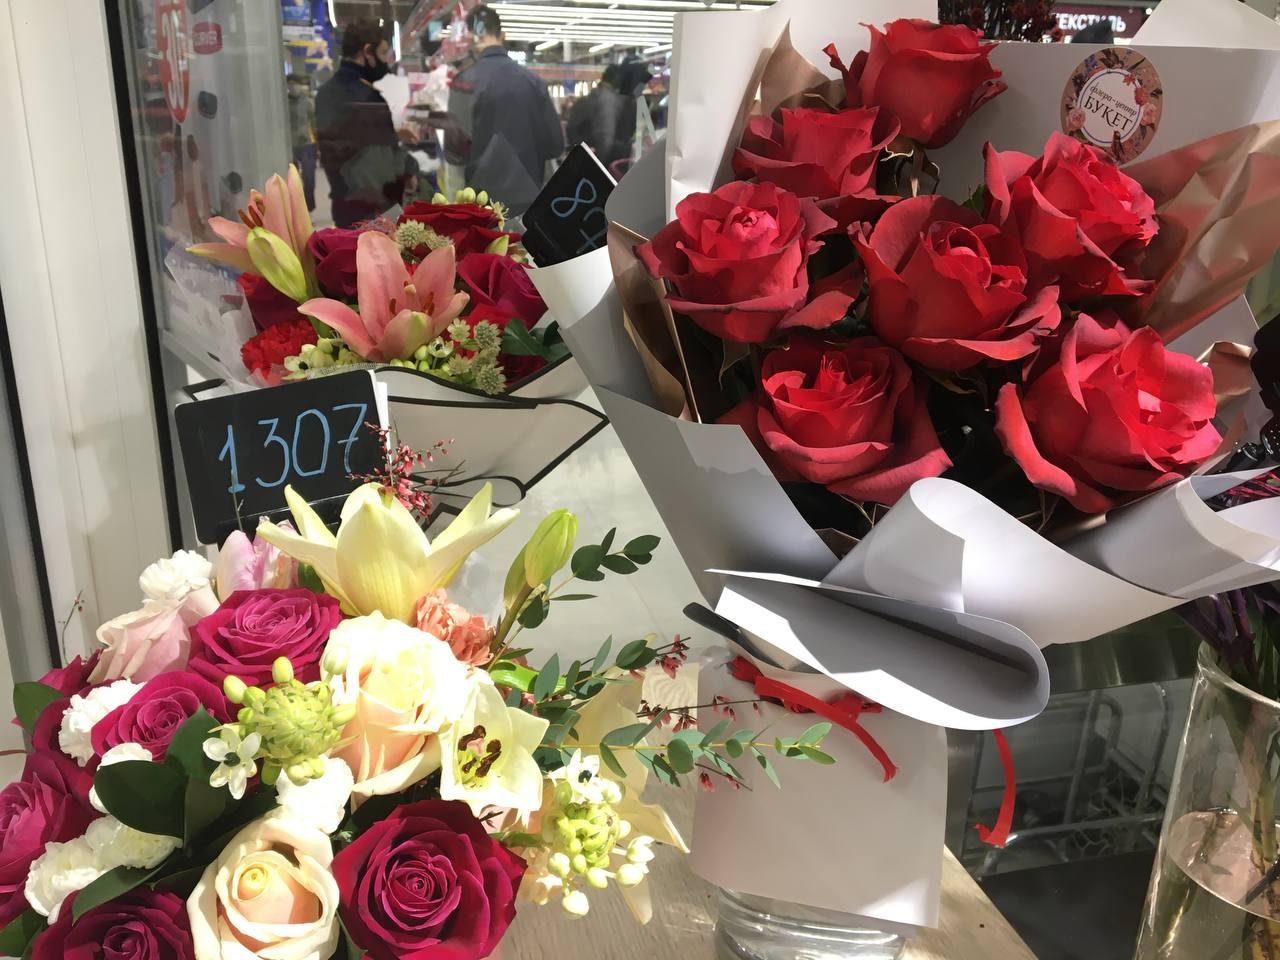 Київщина іn love: що найчастіше дарують коханим у 2021 році - ціни, подарунки, День Святого Валентина, День всіх закоханих - photo5278515782197817701